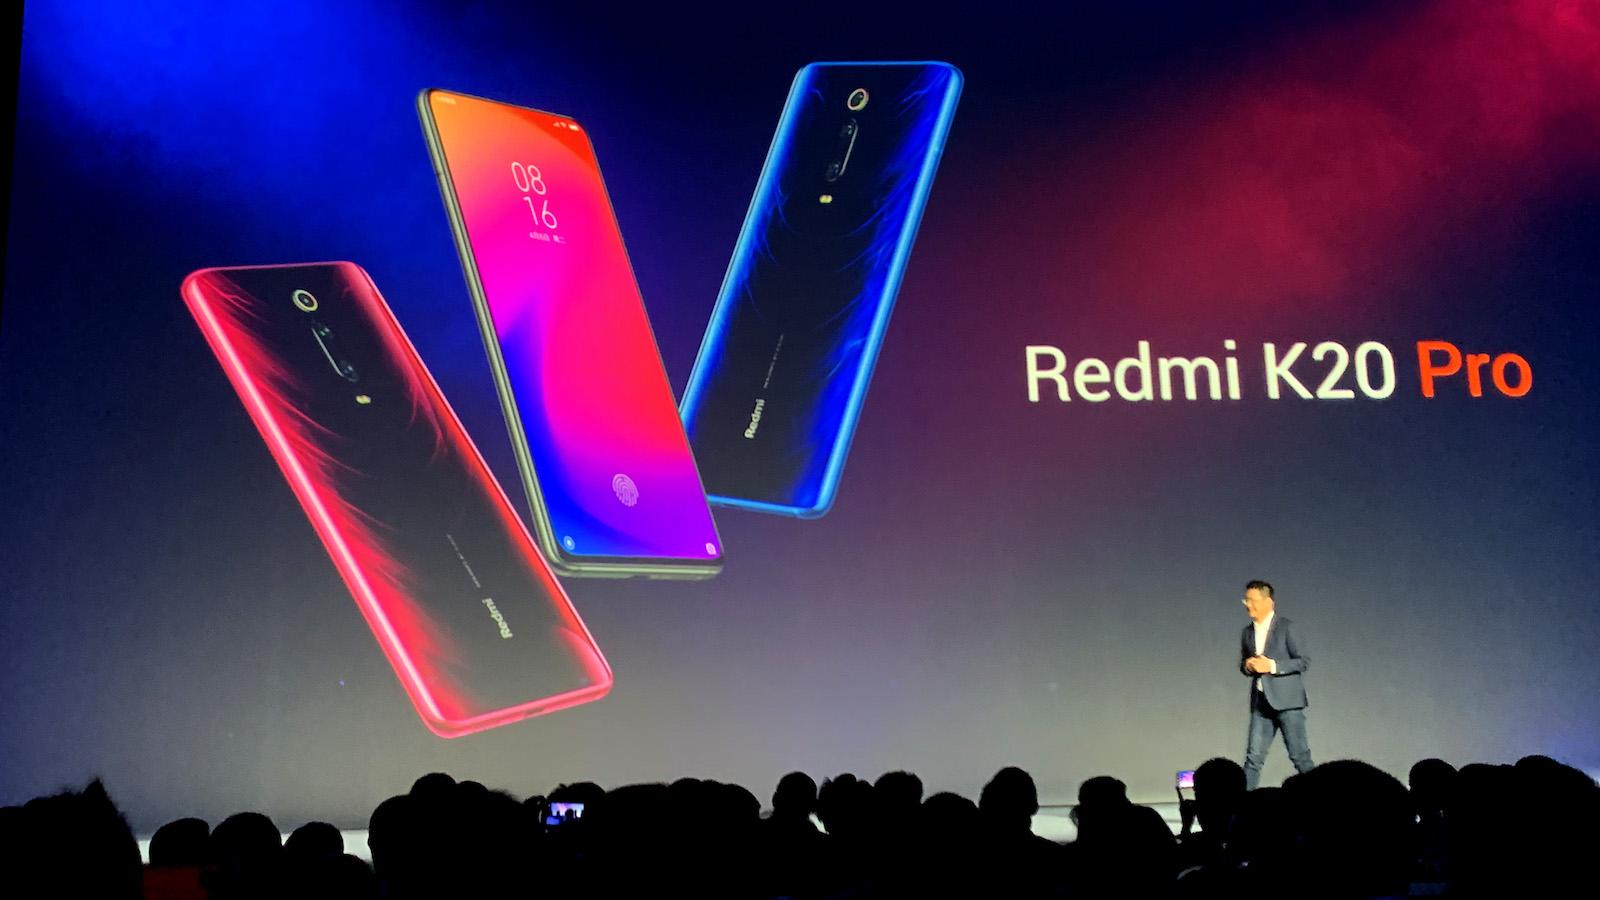 Redmi 新品发布会:除了「性价比旗舰」K20 系列还有一台笔记本